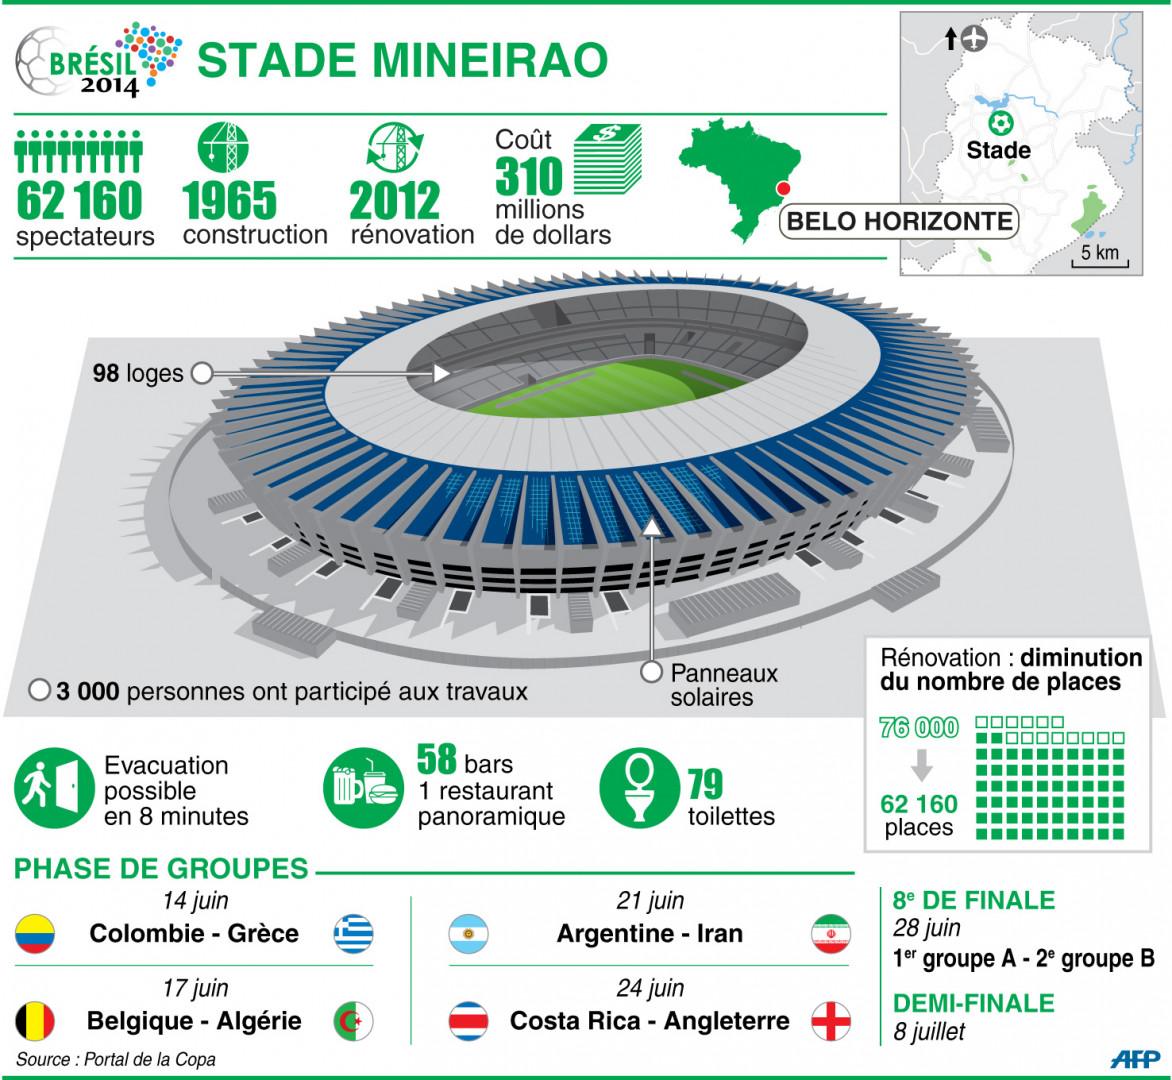 Infographie : le stade Mineirao à Belo Horizonte